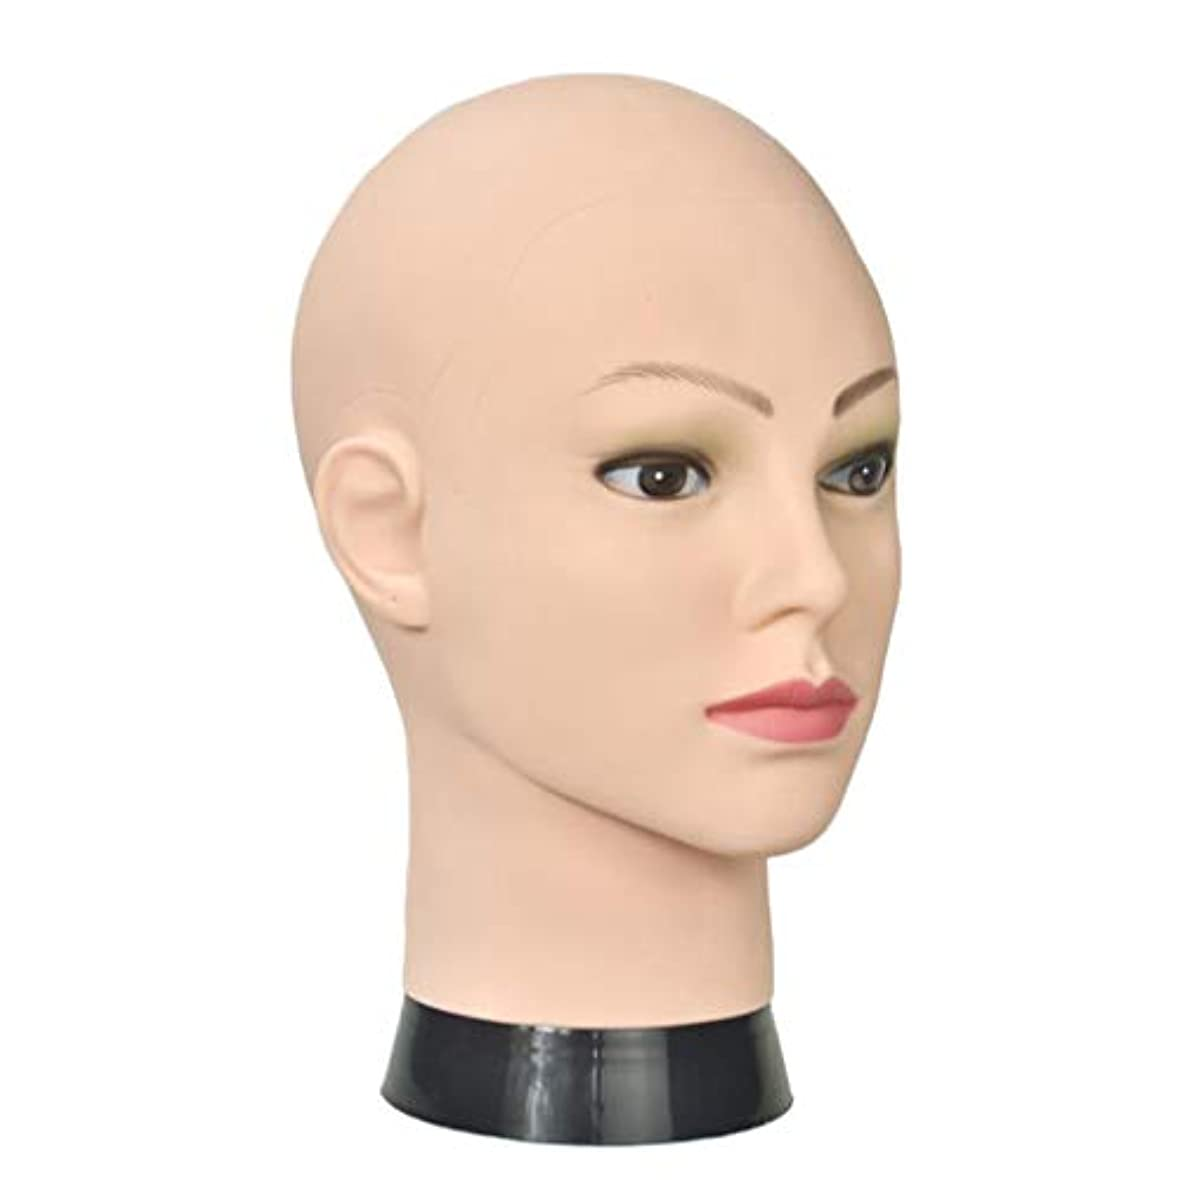 メロドラマキャンパスアレルギーToygogo プロのマネキンヘッドメイク表示スタイルドライかつら10.2インチ理髪トレーニングヘッド